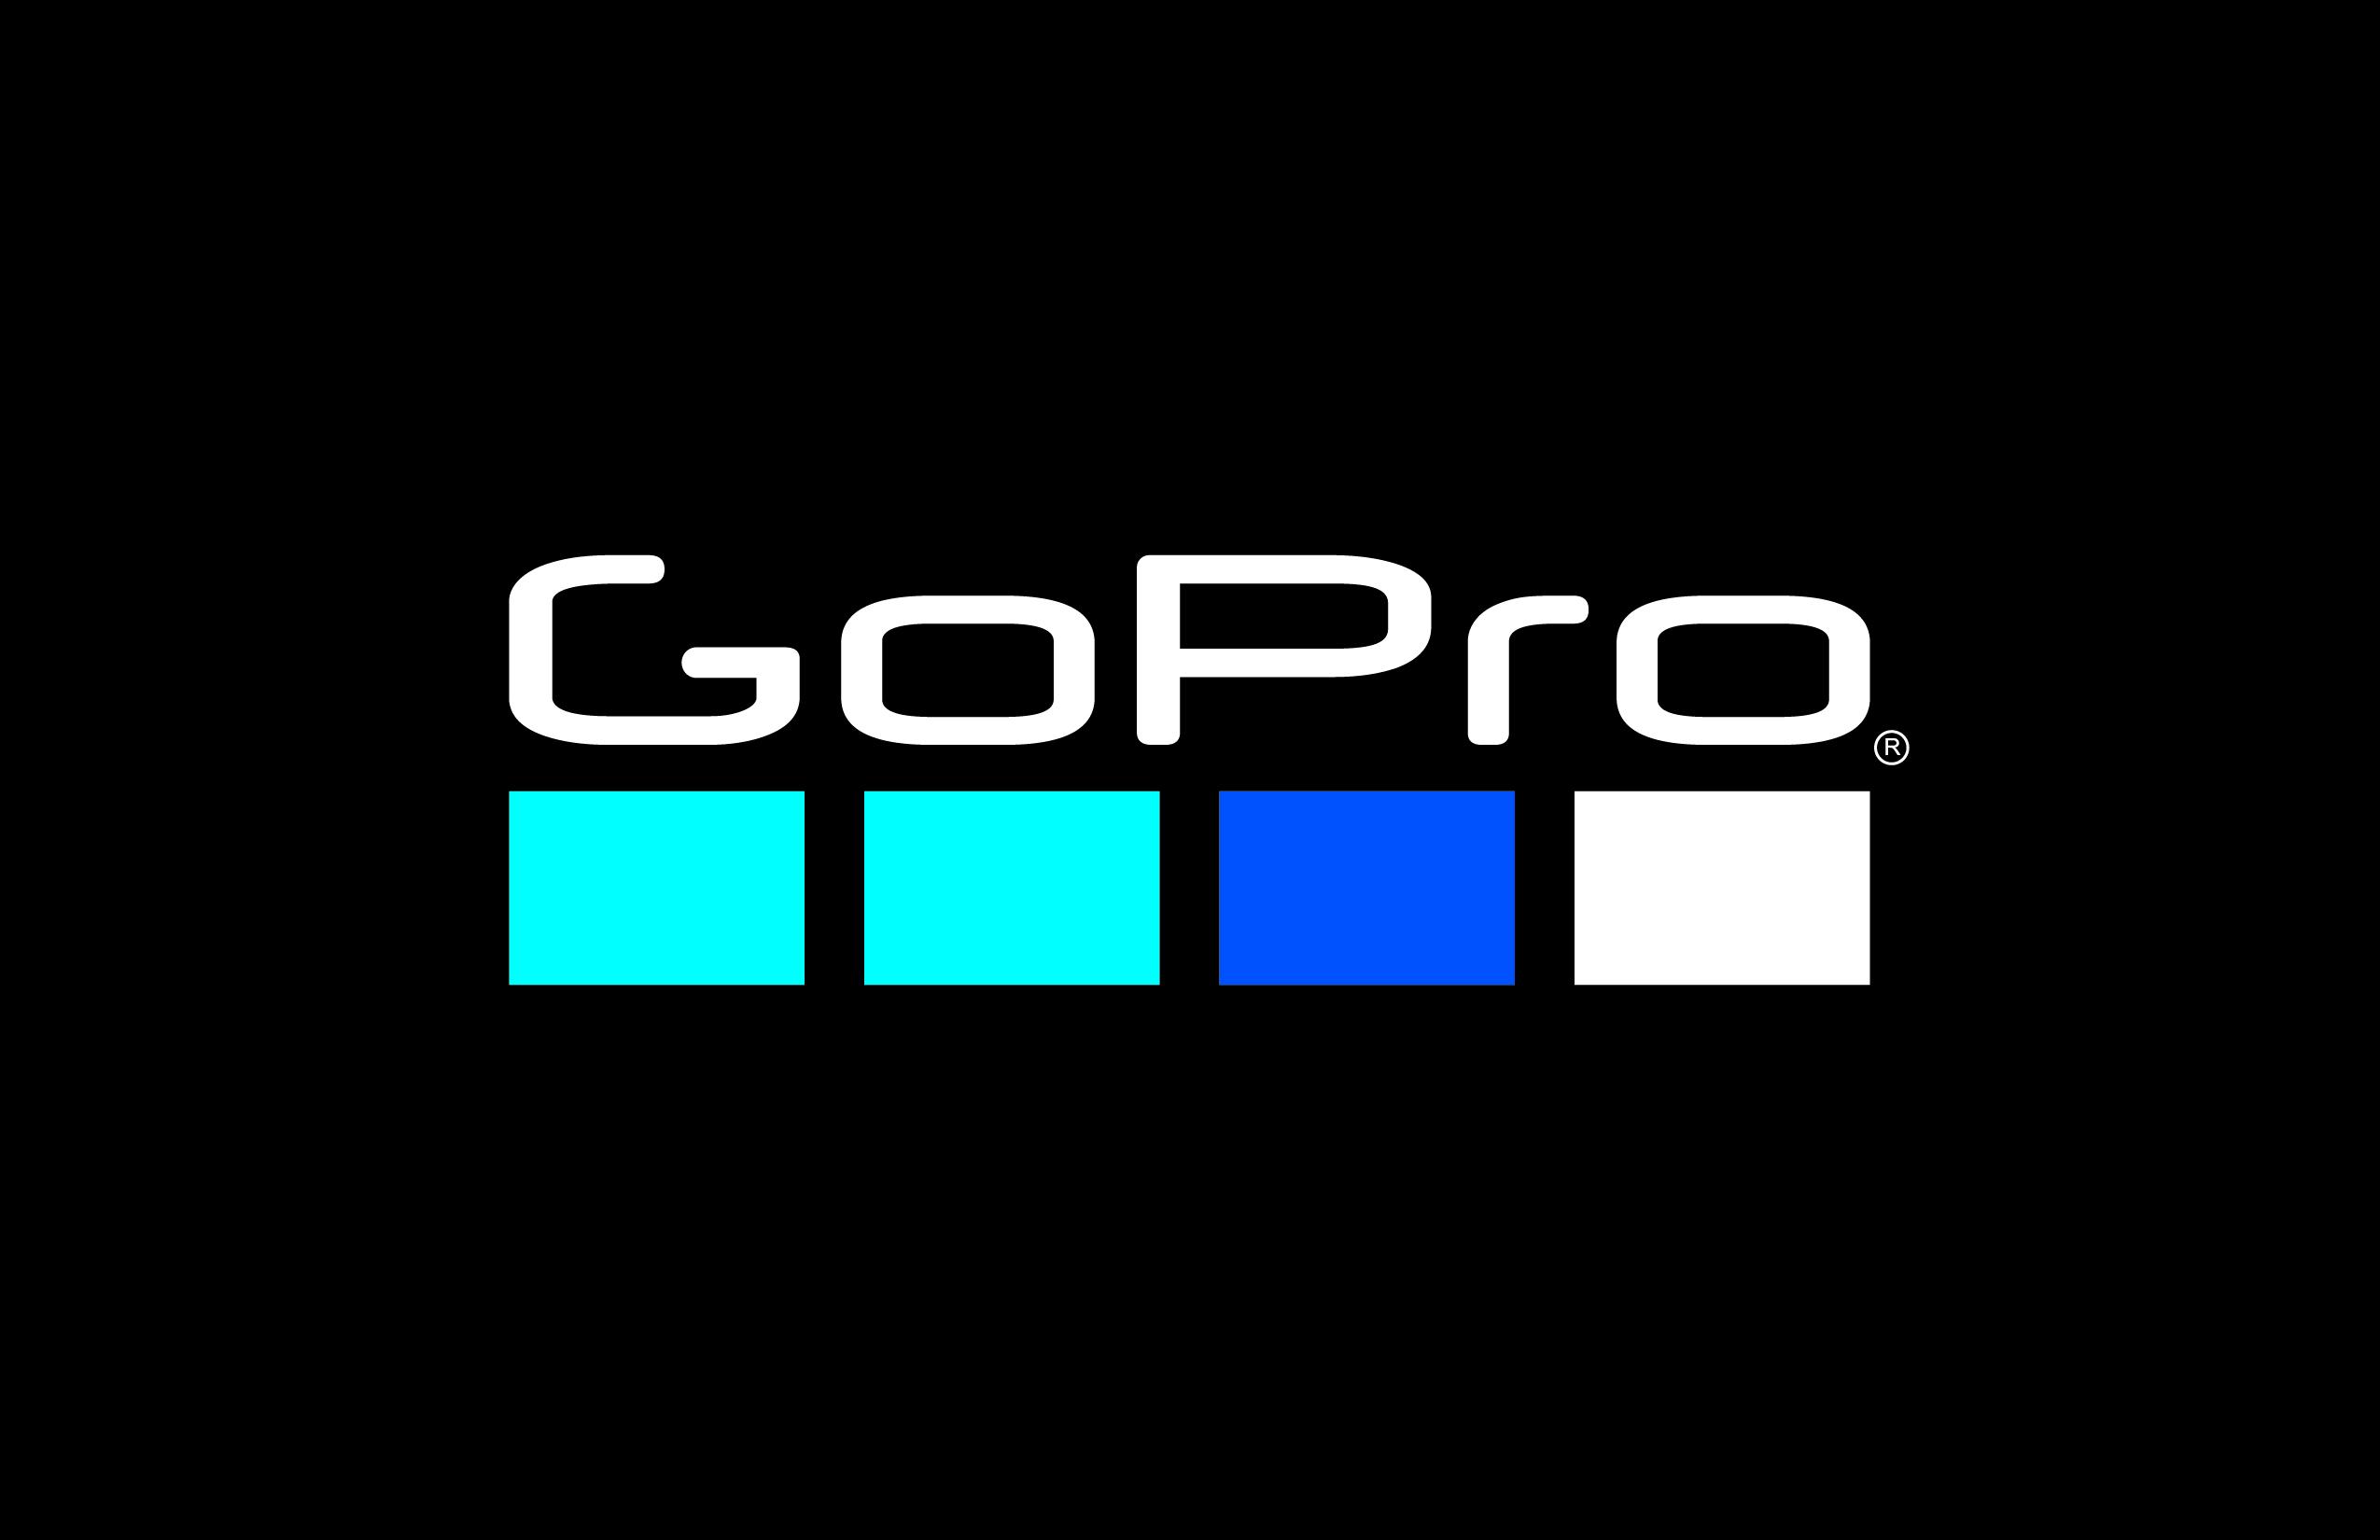 25625682-gopro-logo-4c-reversed-r-cmyk-master.jpg